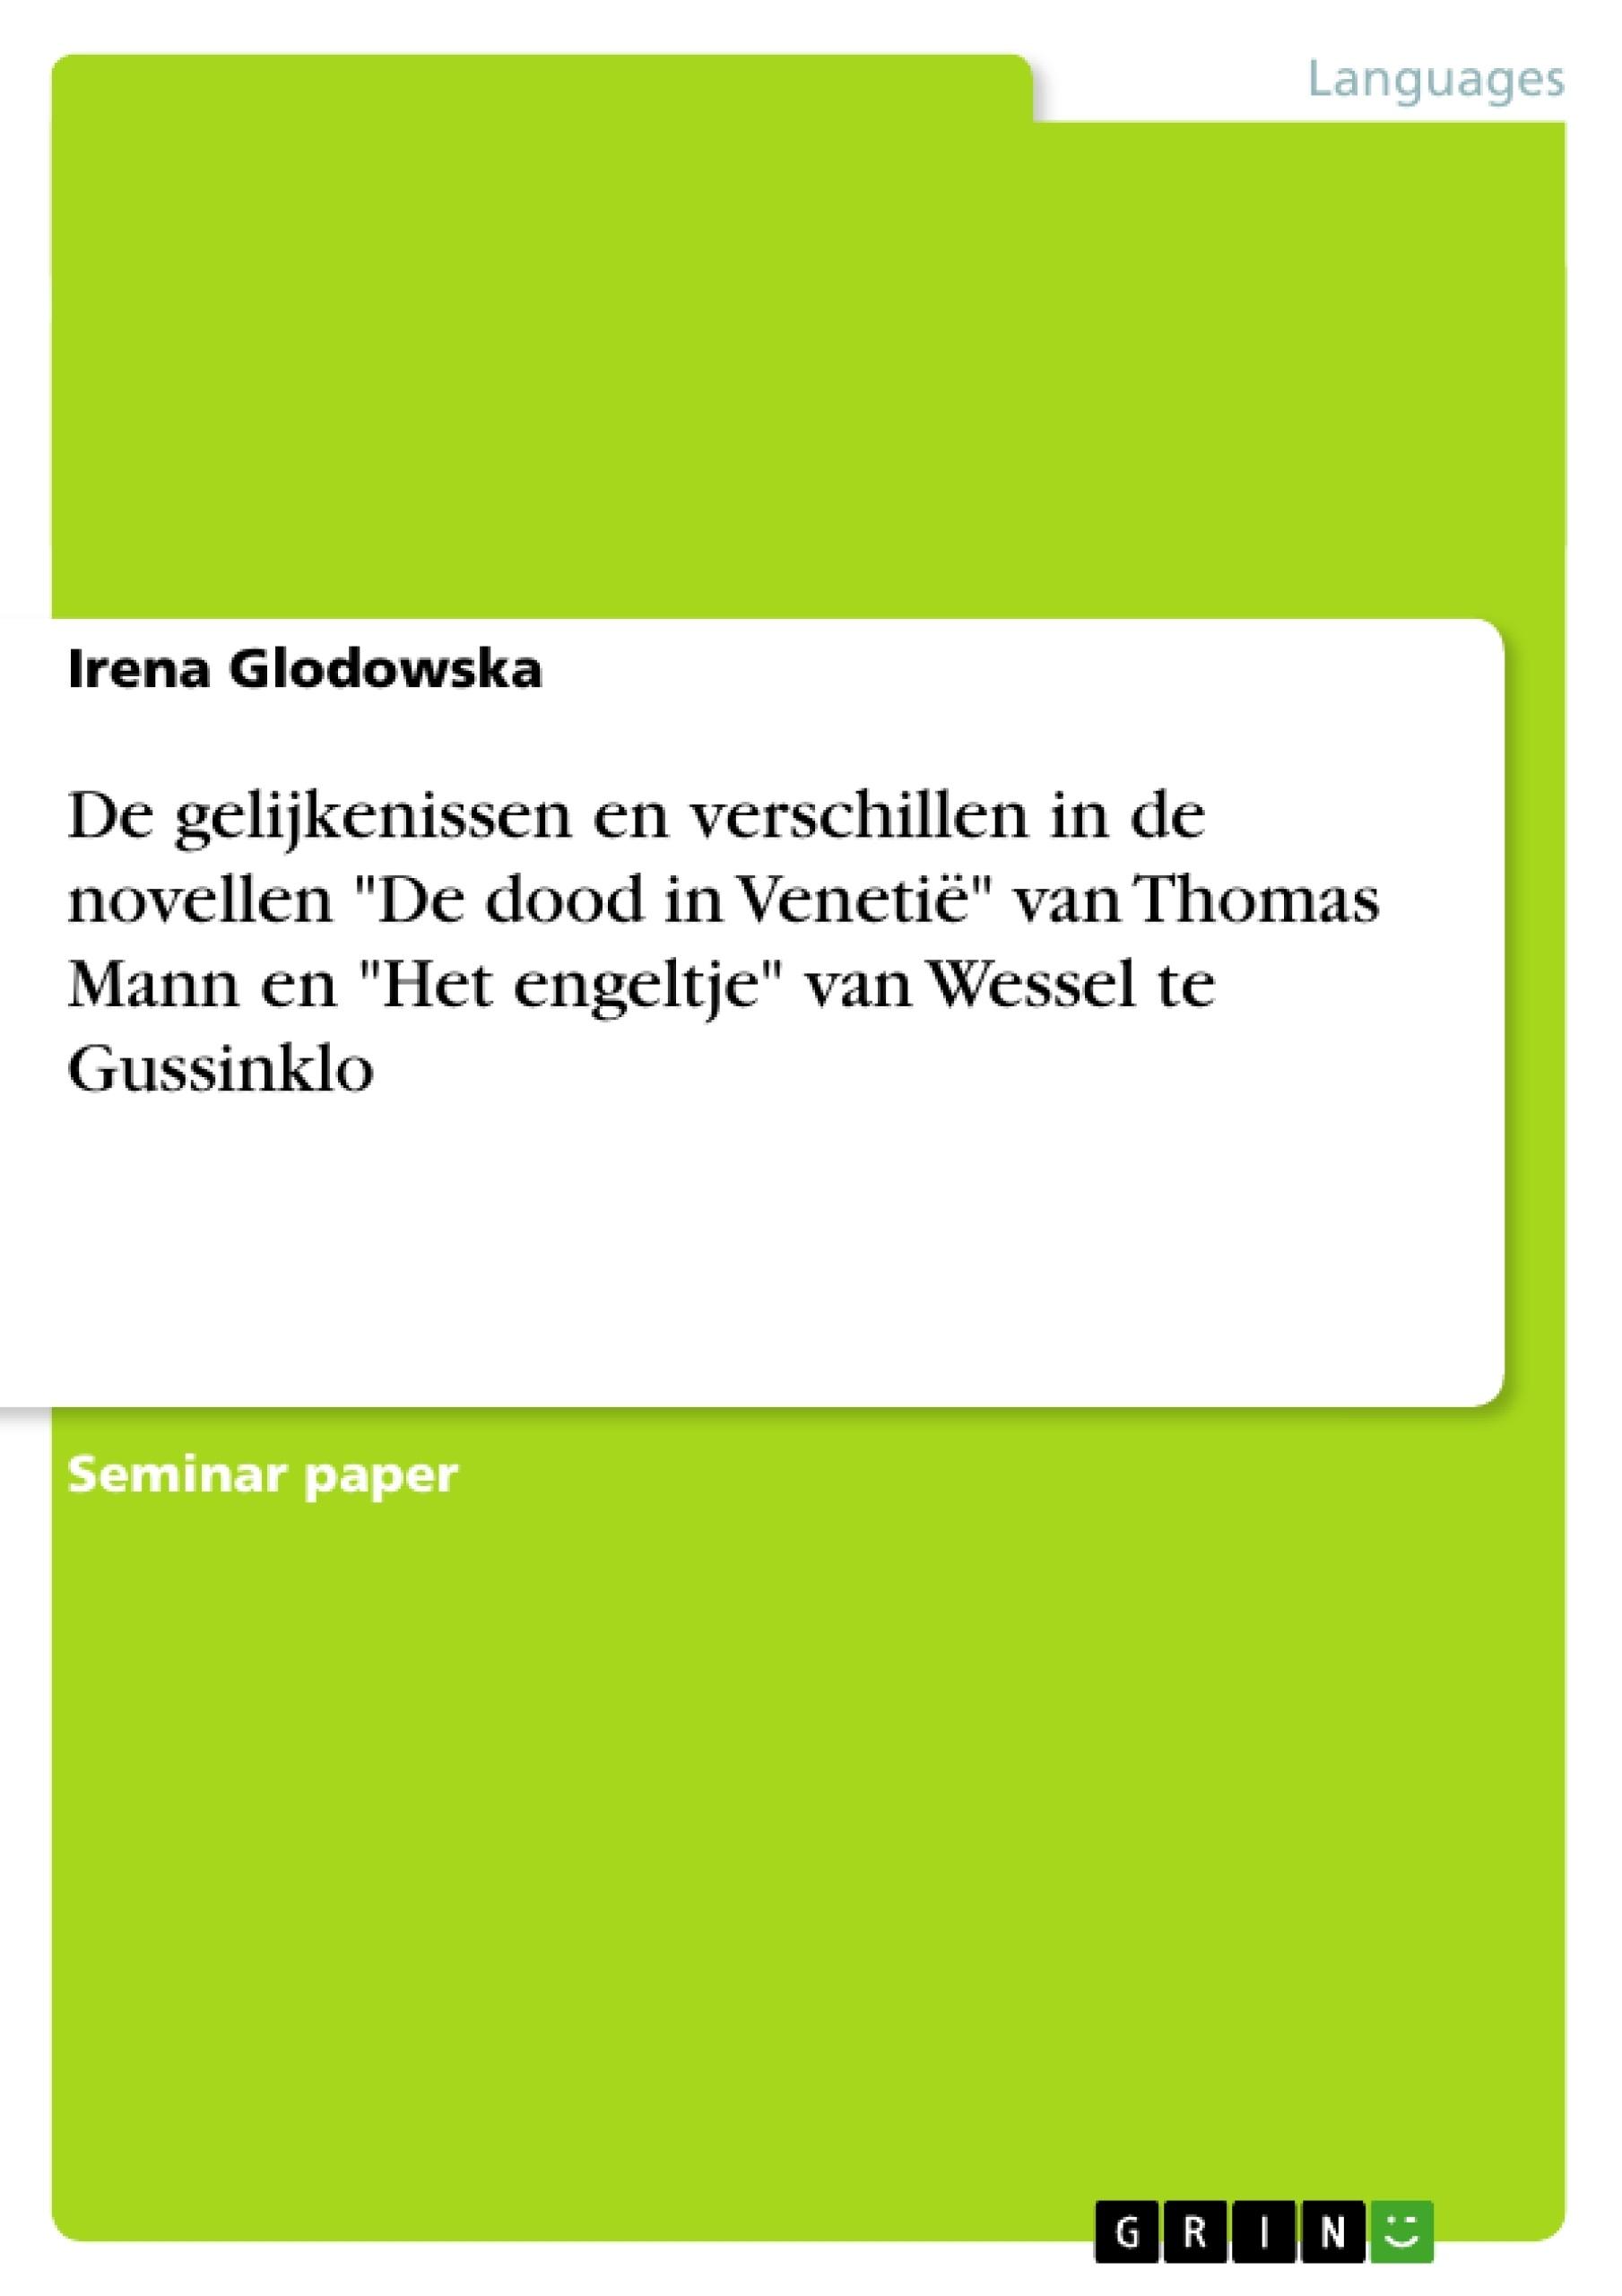 """Title: De gelijkenissen en verschillen in de novellen """"De dood in Venetië"""" van Thomas Mann en """"Het engeltje"""" van Wessel te Gussinklo"""